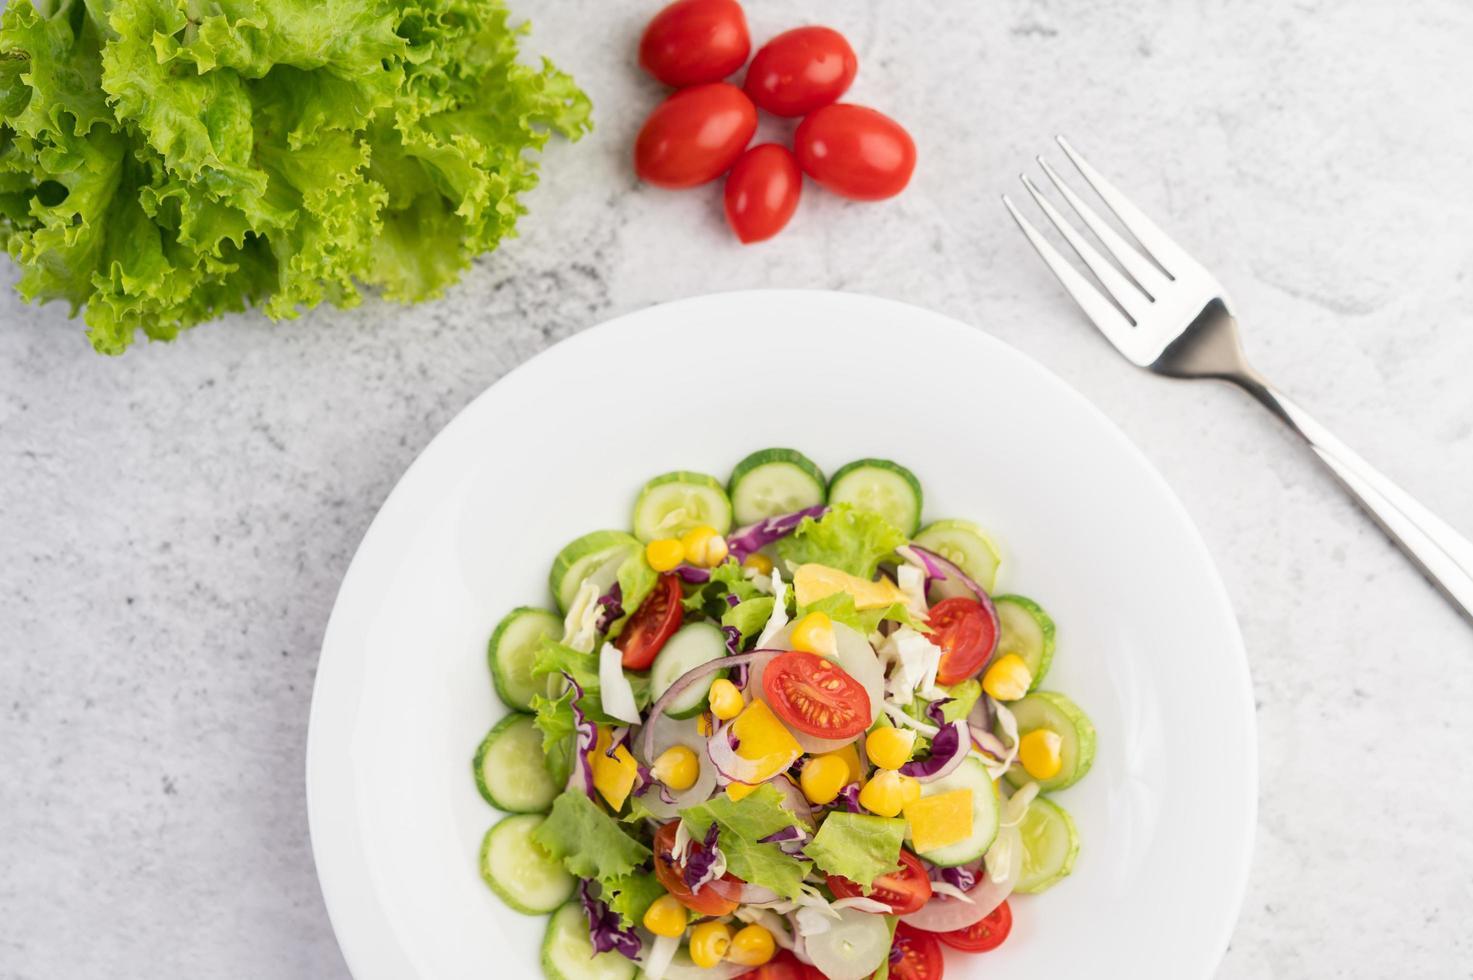 salade de légumes aux œufs durs photo